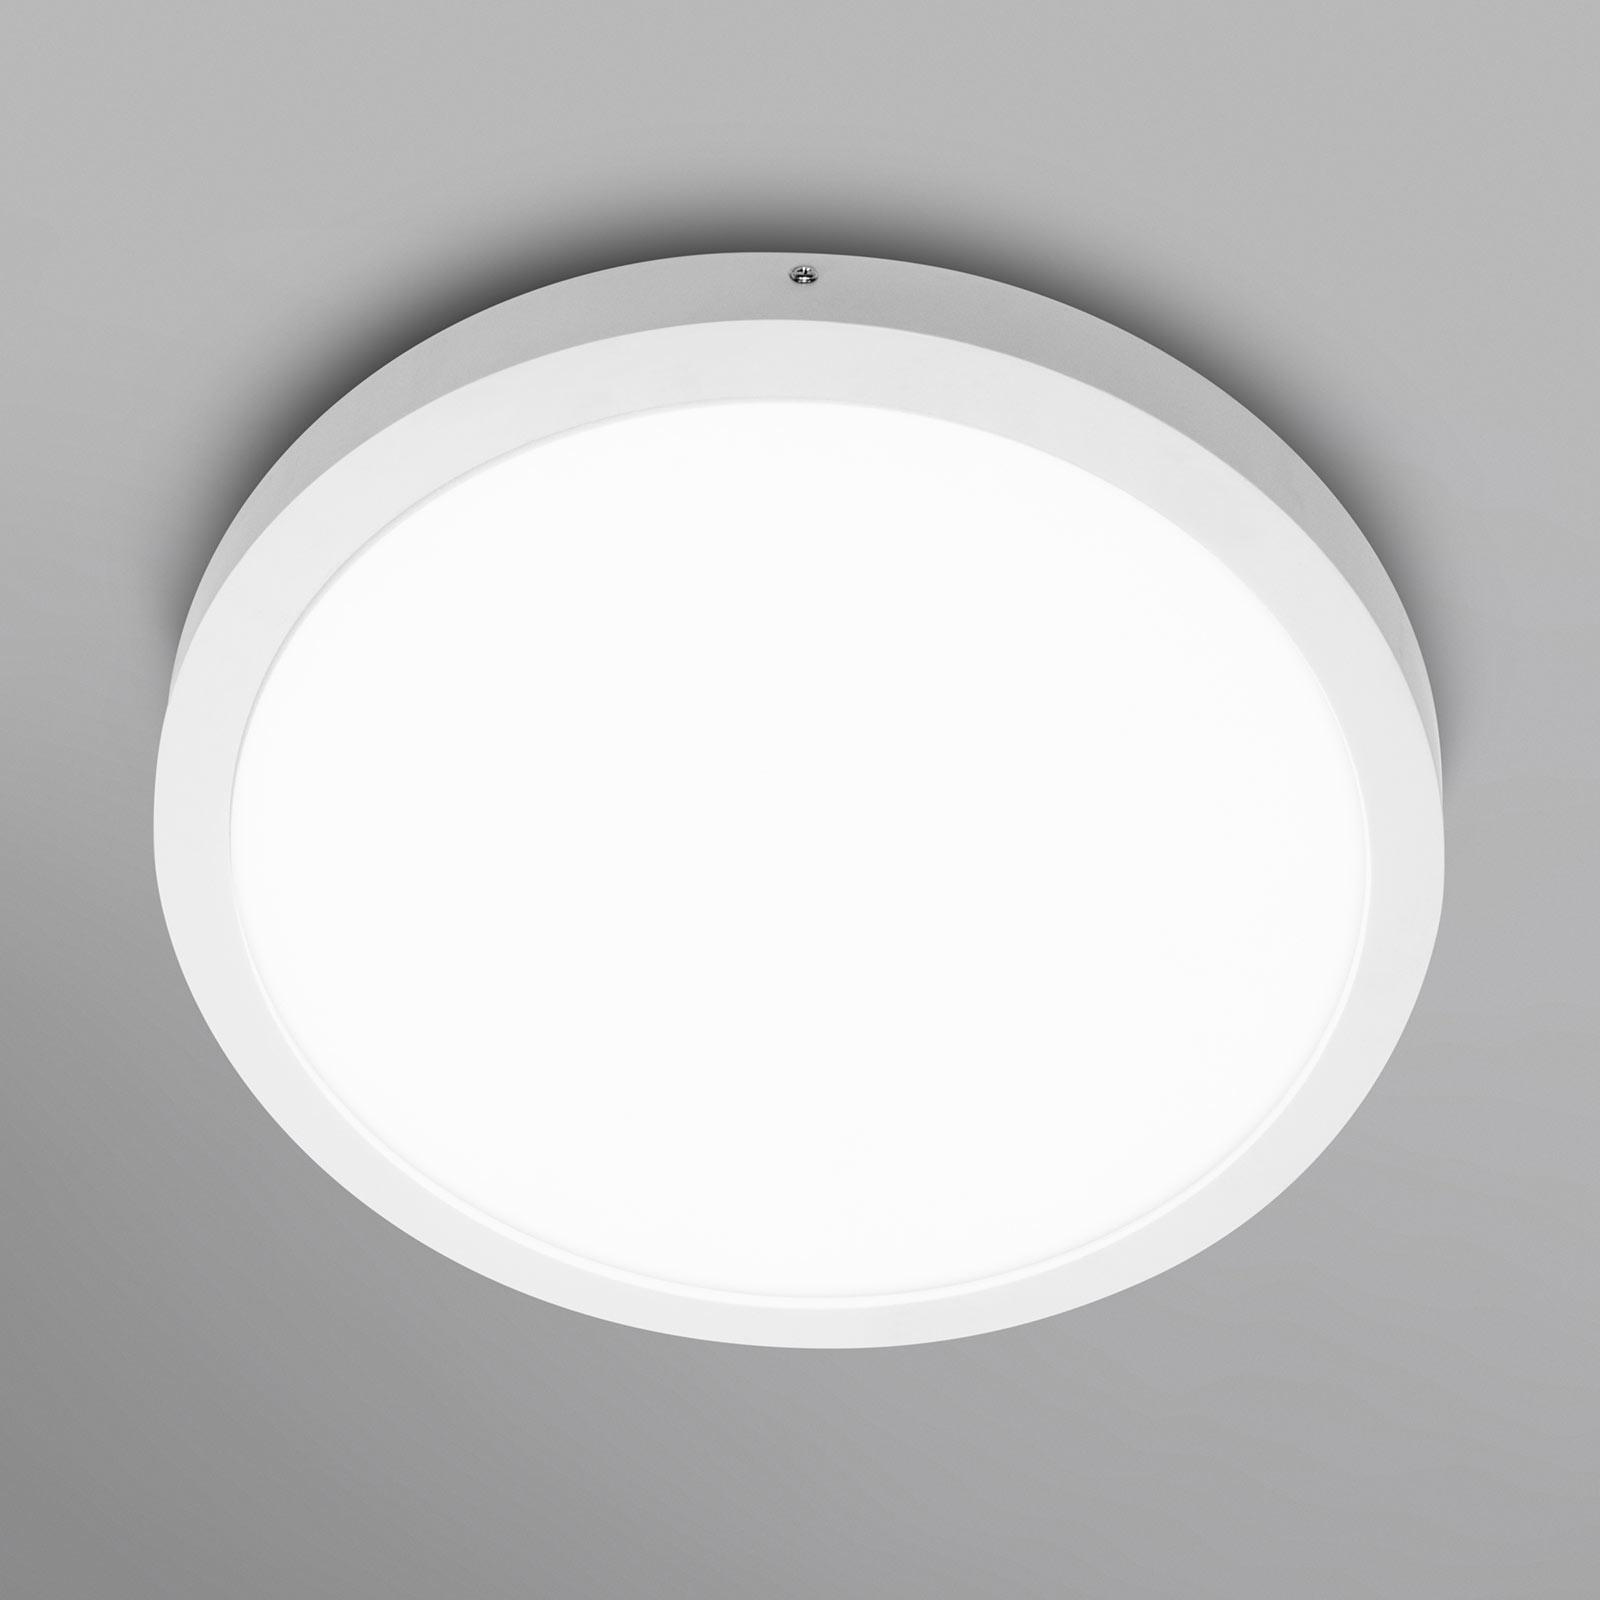 LEDVANCE Planon Round applique LED 40cm 840